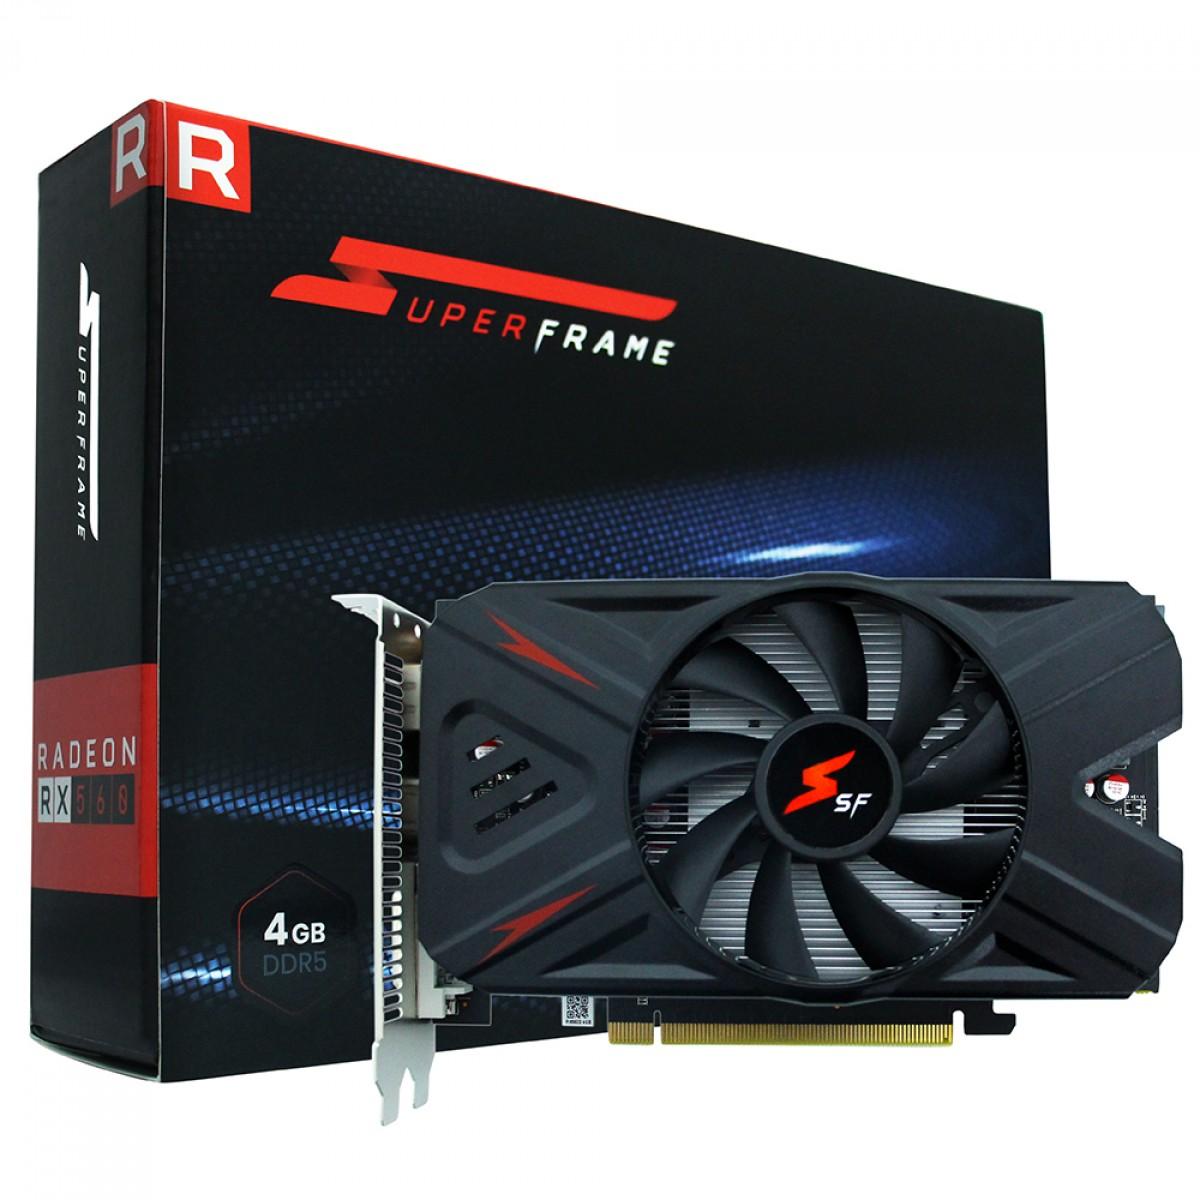 Placa de Vídeo SuperFrame Radeon RX 560-D 4GB, GDDR5, 128bit, RX560/4GD5P8DIP